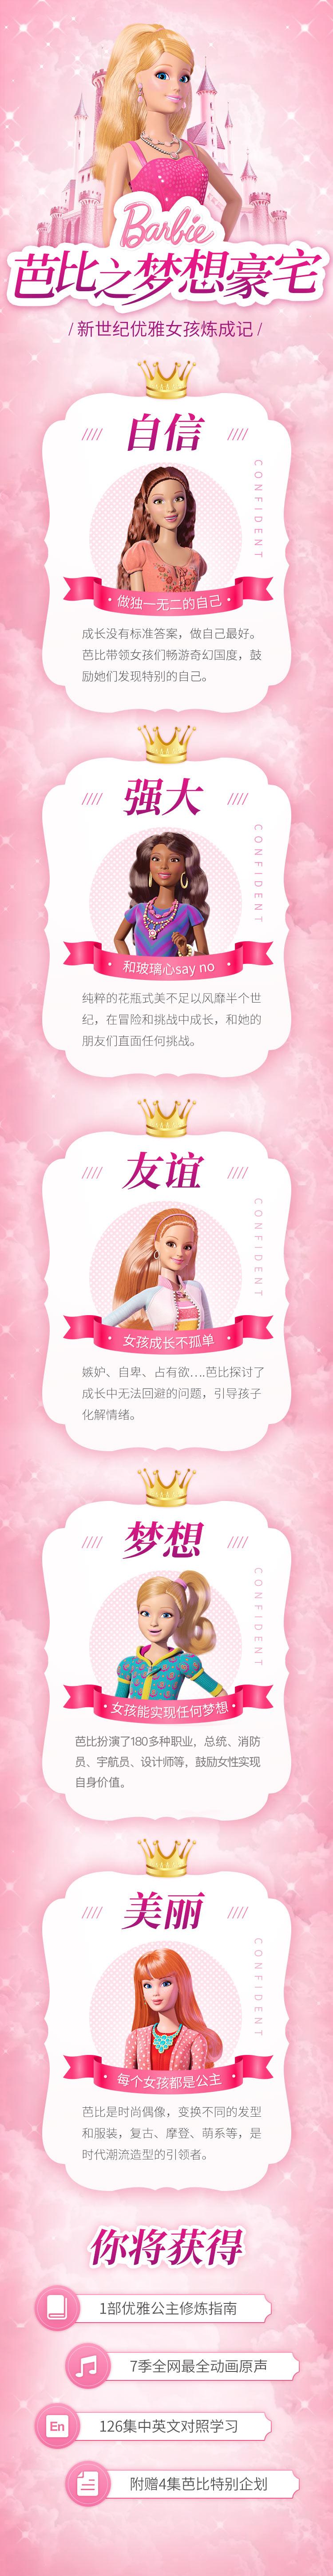 少儿影视《芭比公主故事全集(1-7季)》全155集MP3下载 芭比百度云网盘插图1